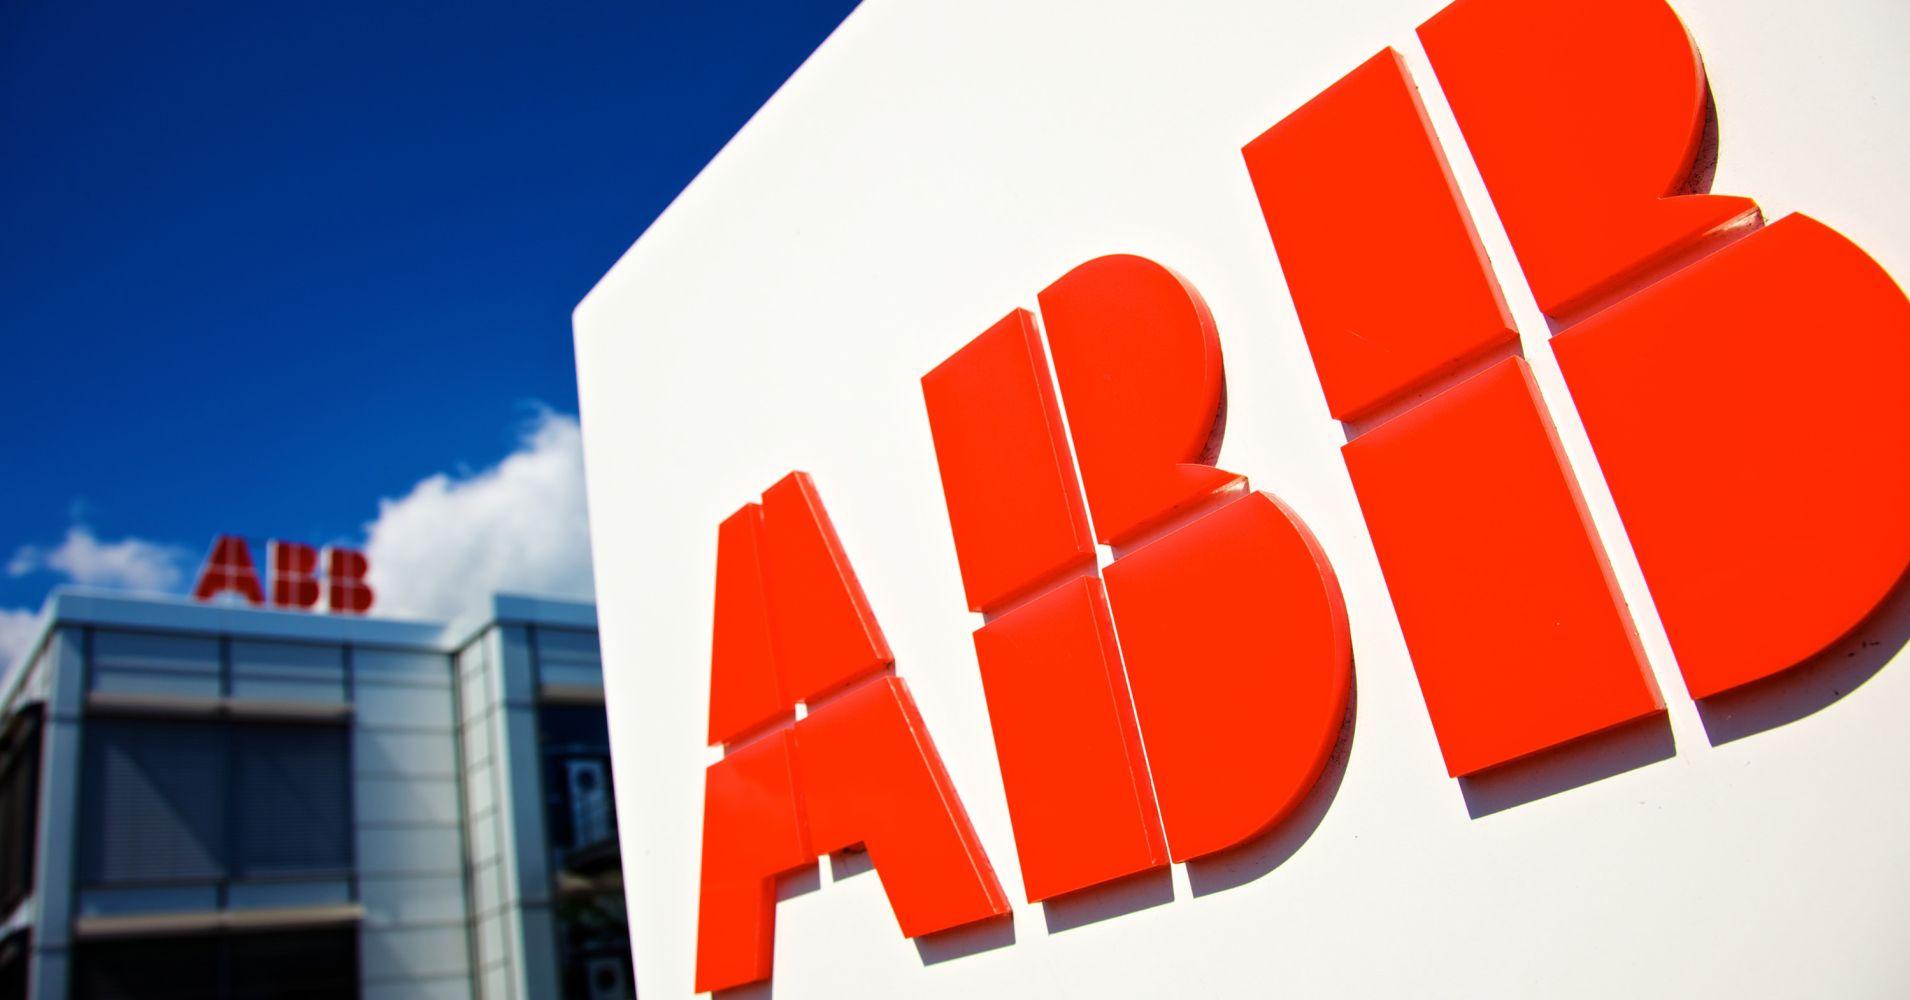 Tập đoàn thiết bị điện ABB